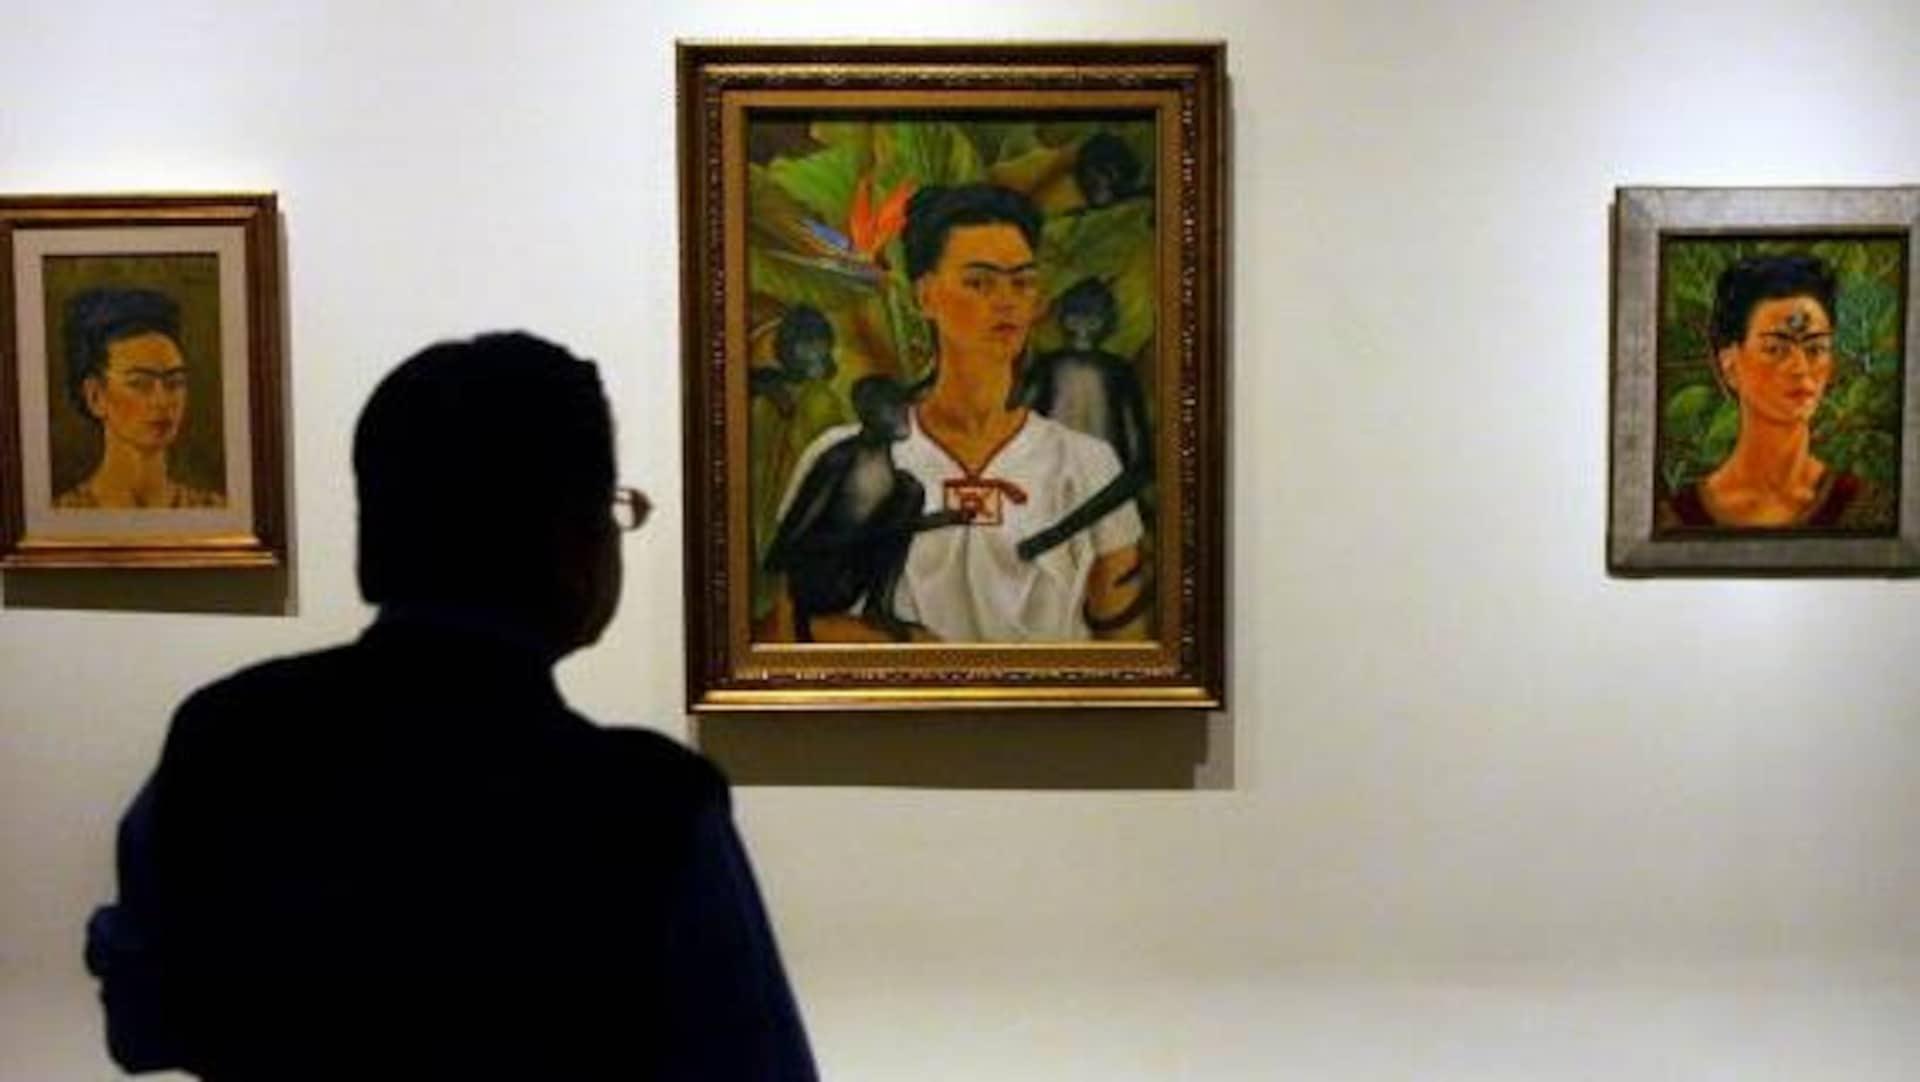 À Mexico, un journaliste regarde des auto-portraits de l'artiste